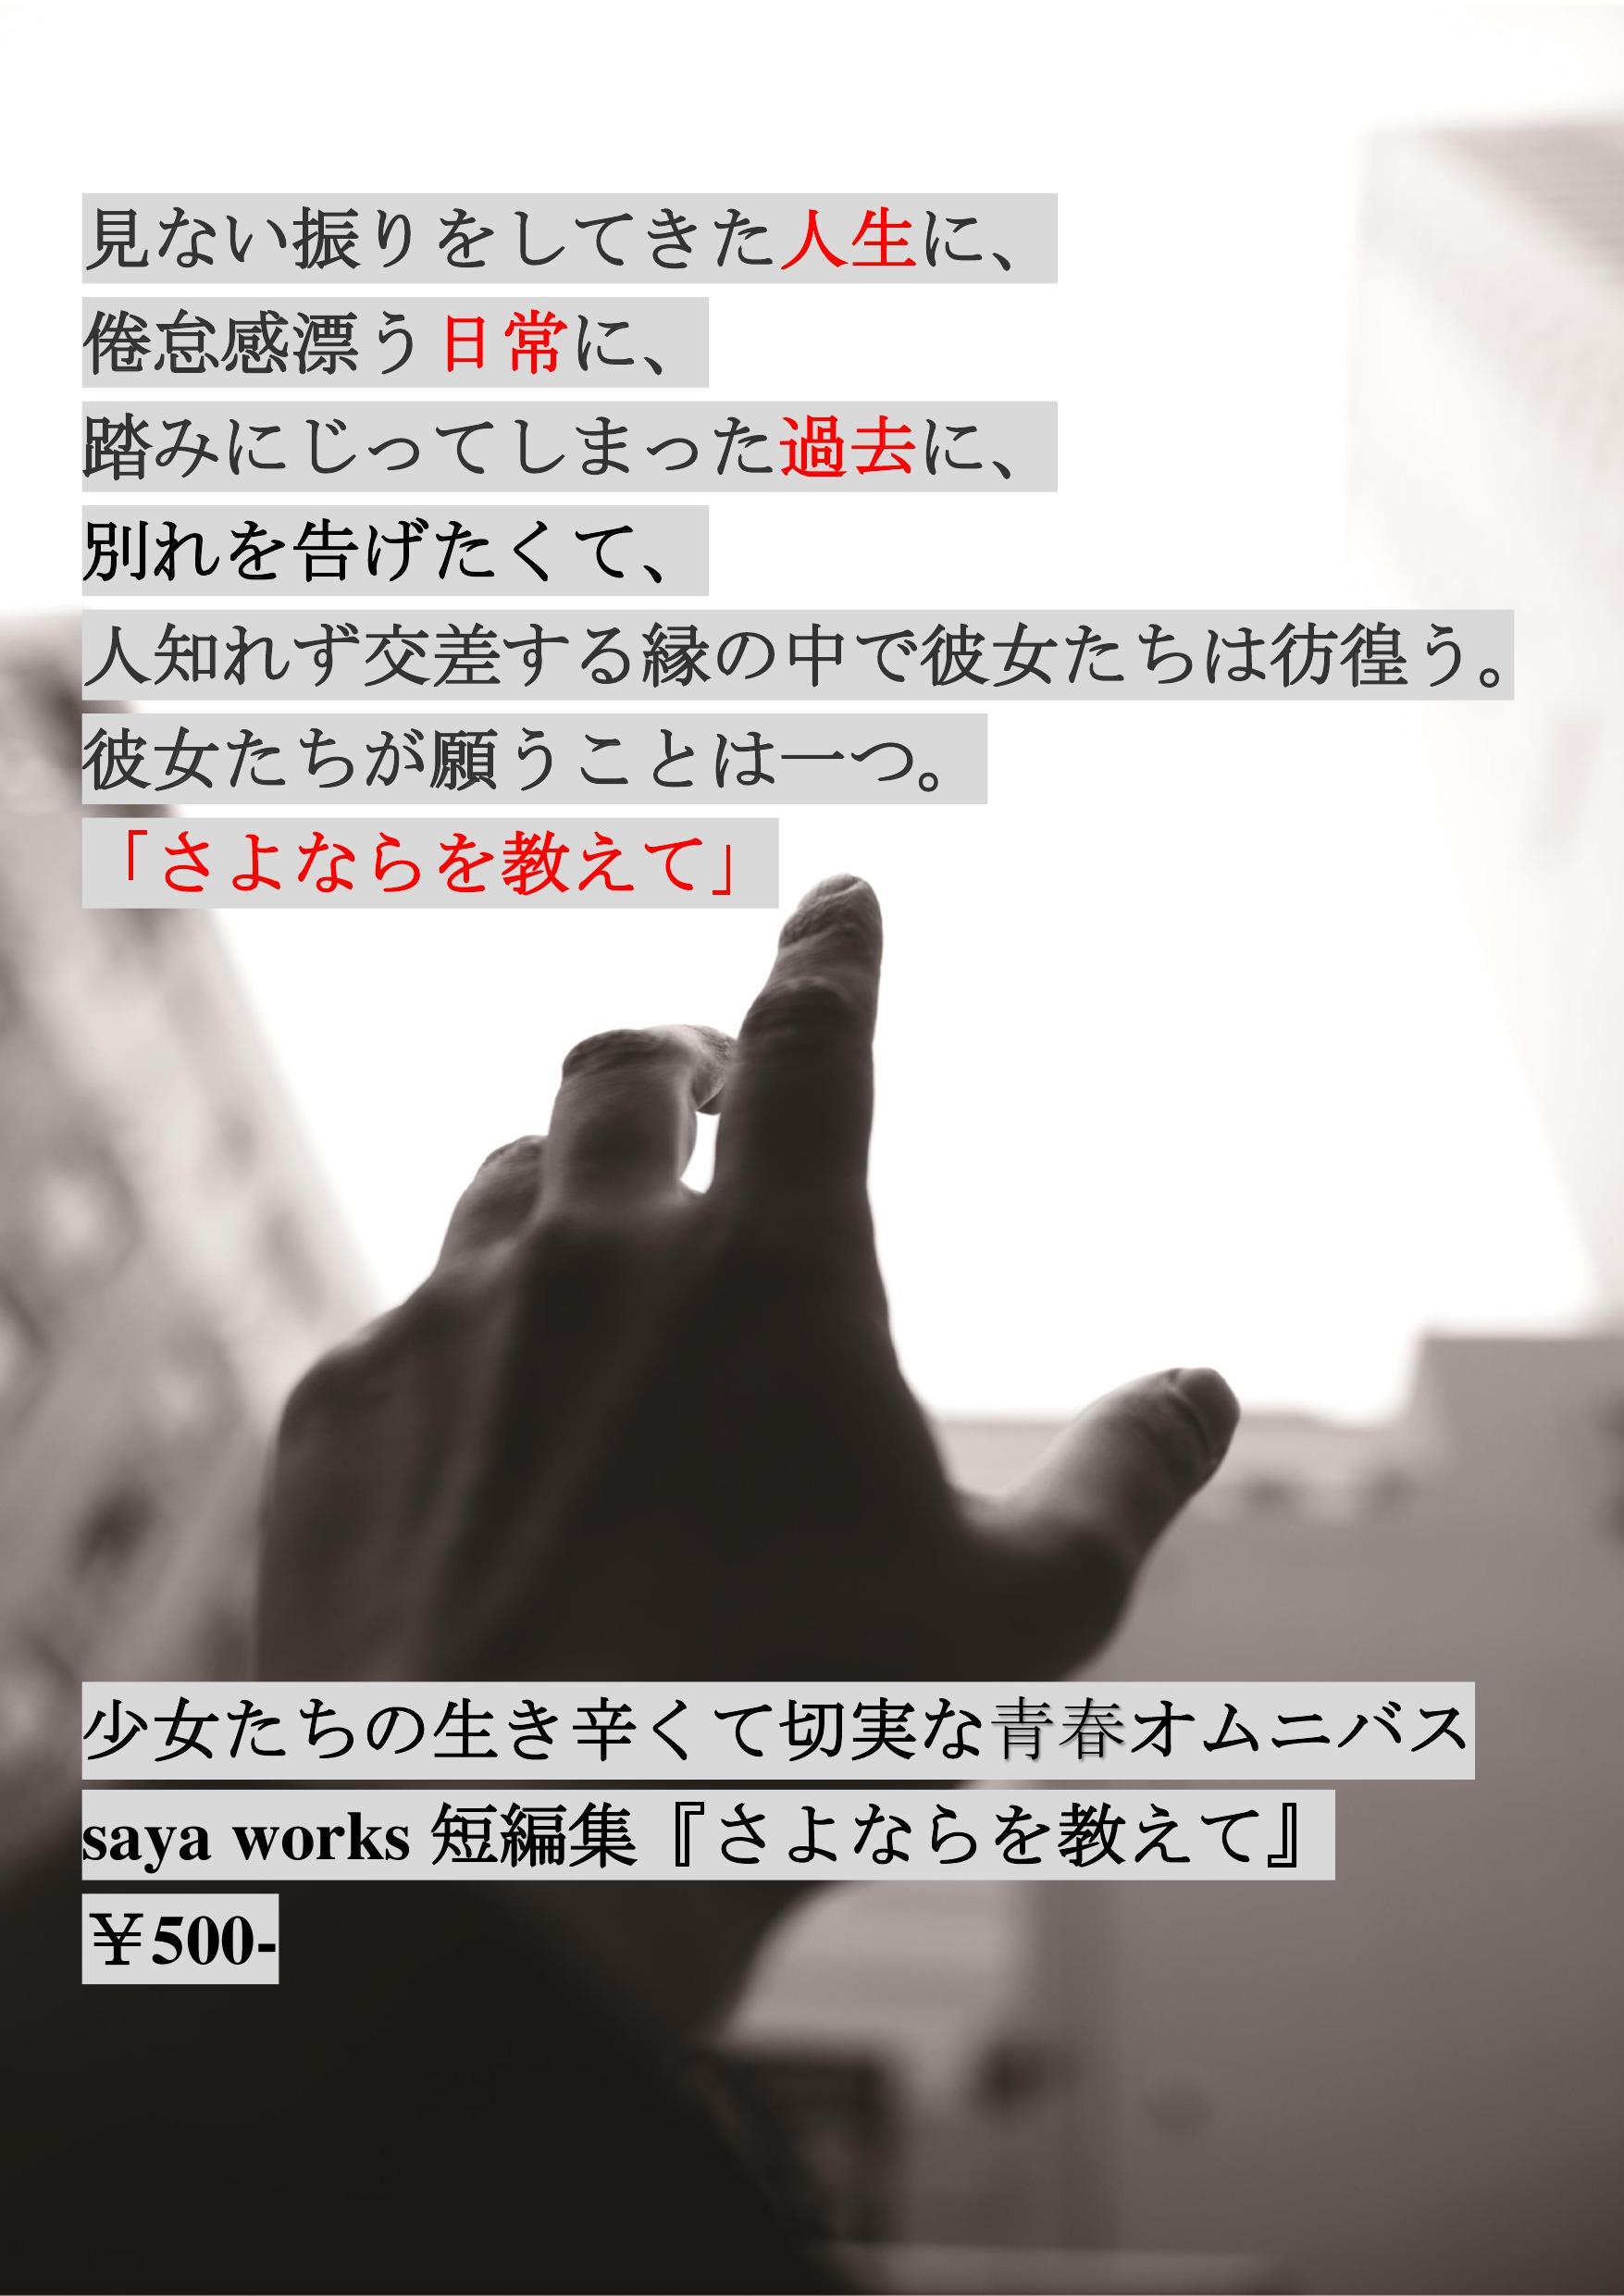 19回文フリポスター1(修正)